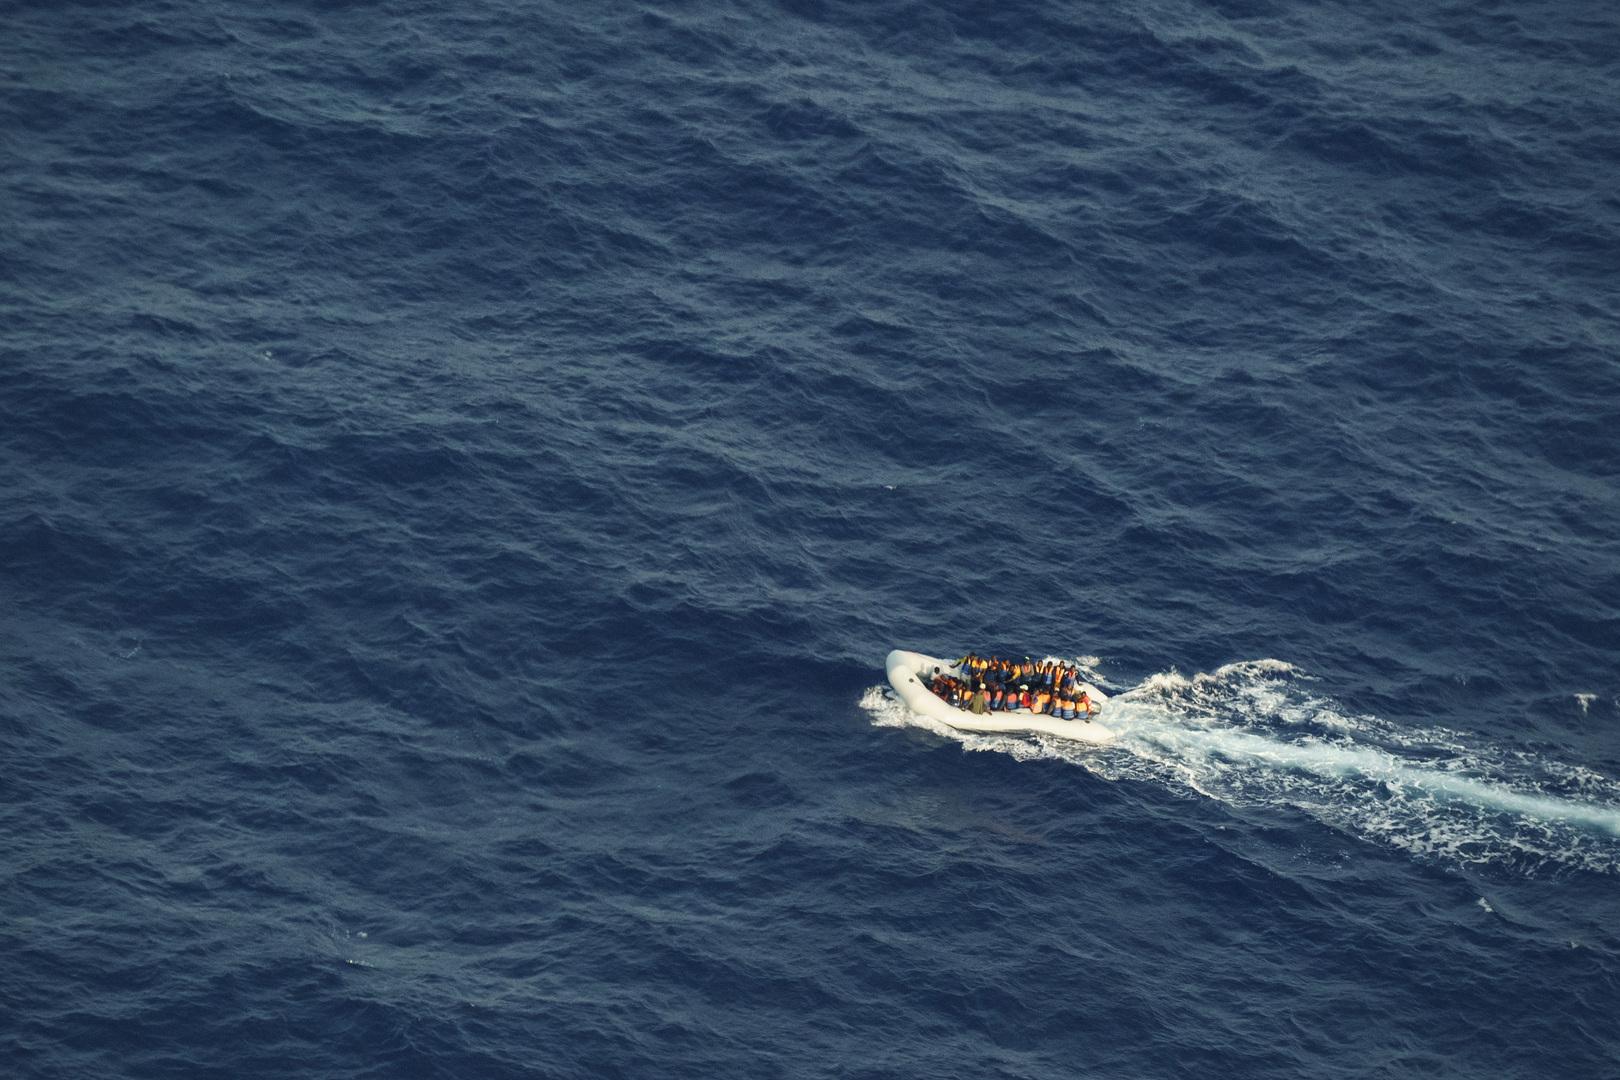 الجزائر تعلن غرق 4 مهاجرين وإنقاذ 13 آخرين قبالة سواحلها